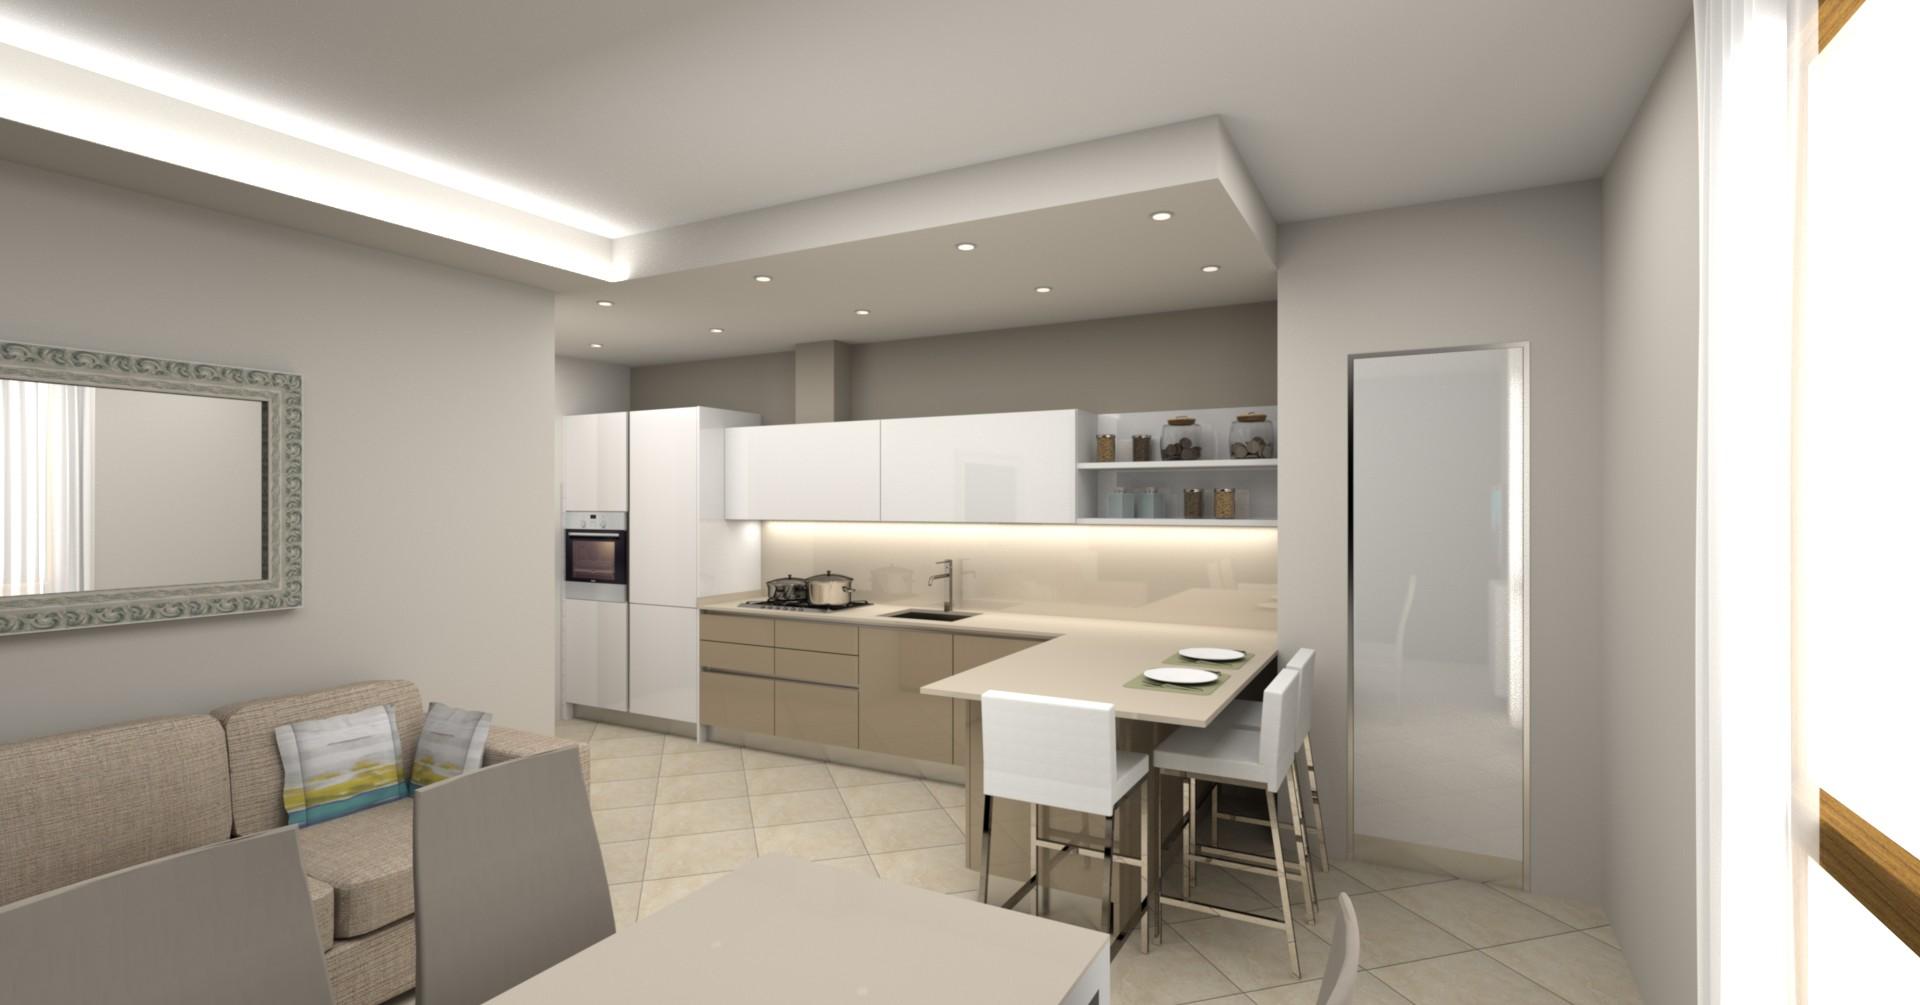 Ristrutturazione cucina e soggiorno arredamenti campana for Soggiorno e salotto